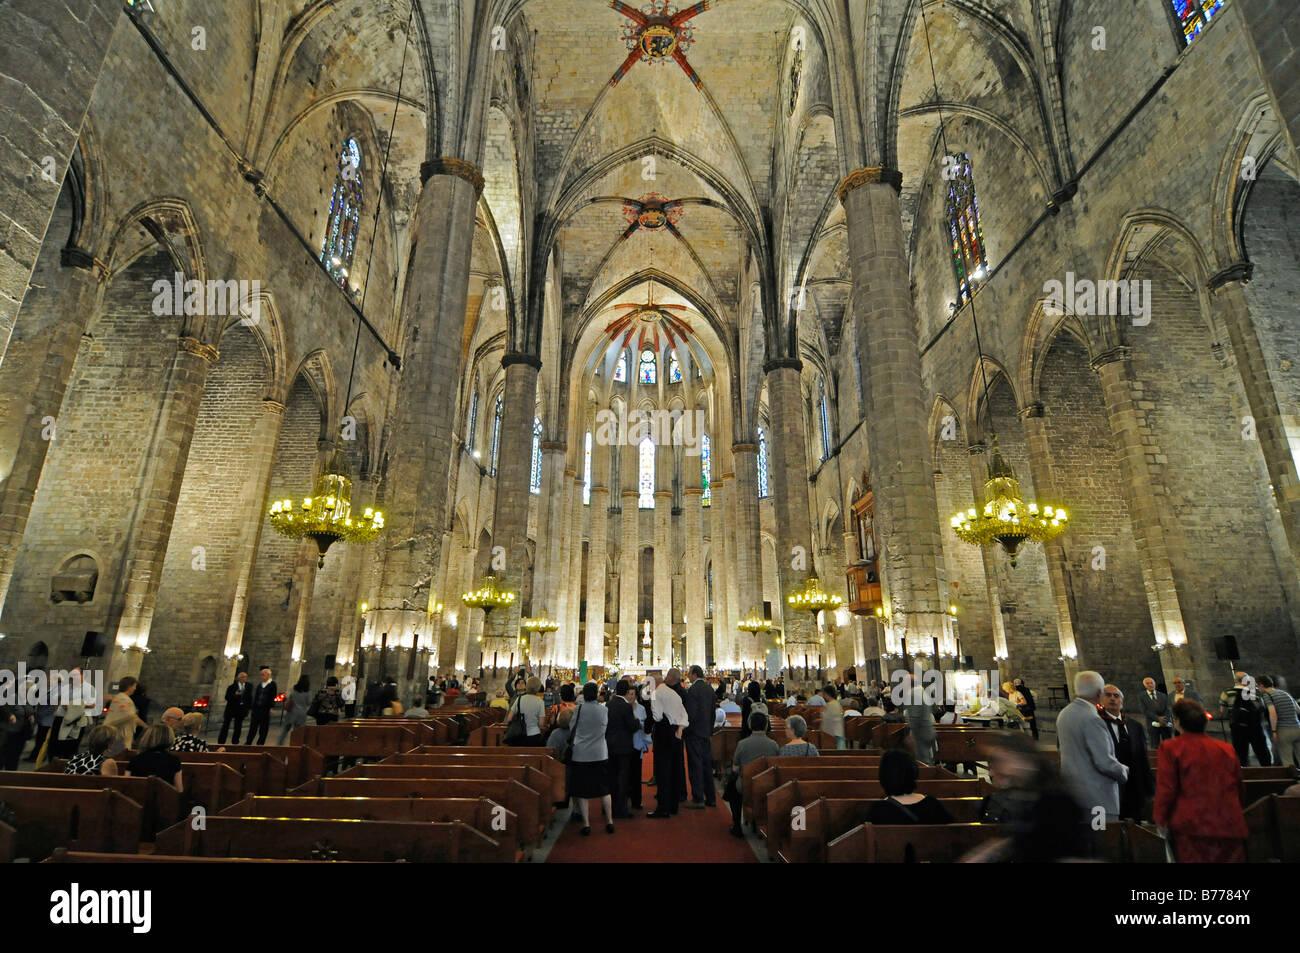 Au cours d'une assemblée publique dans l'église Santa Maria del Mar, voûtes au plafond, gothique, Photo Stock